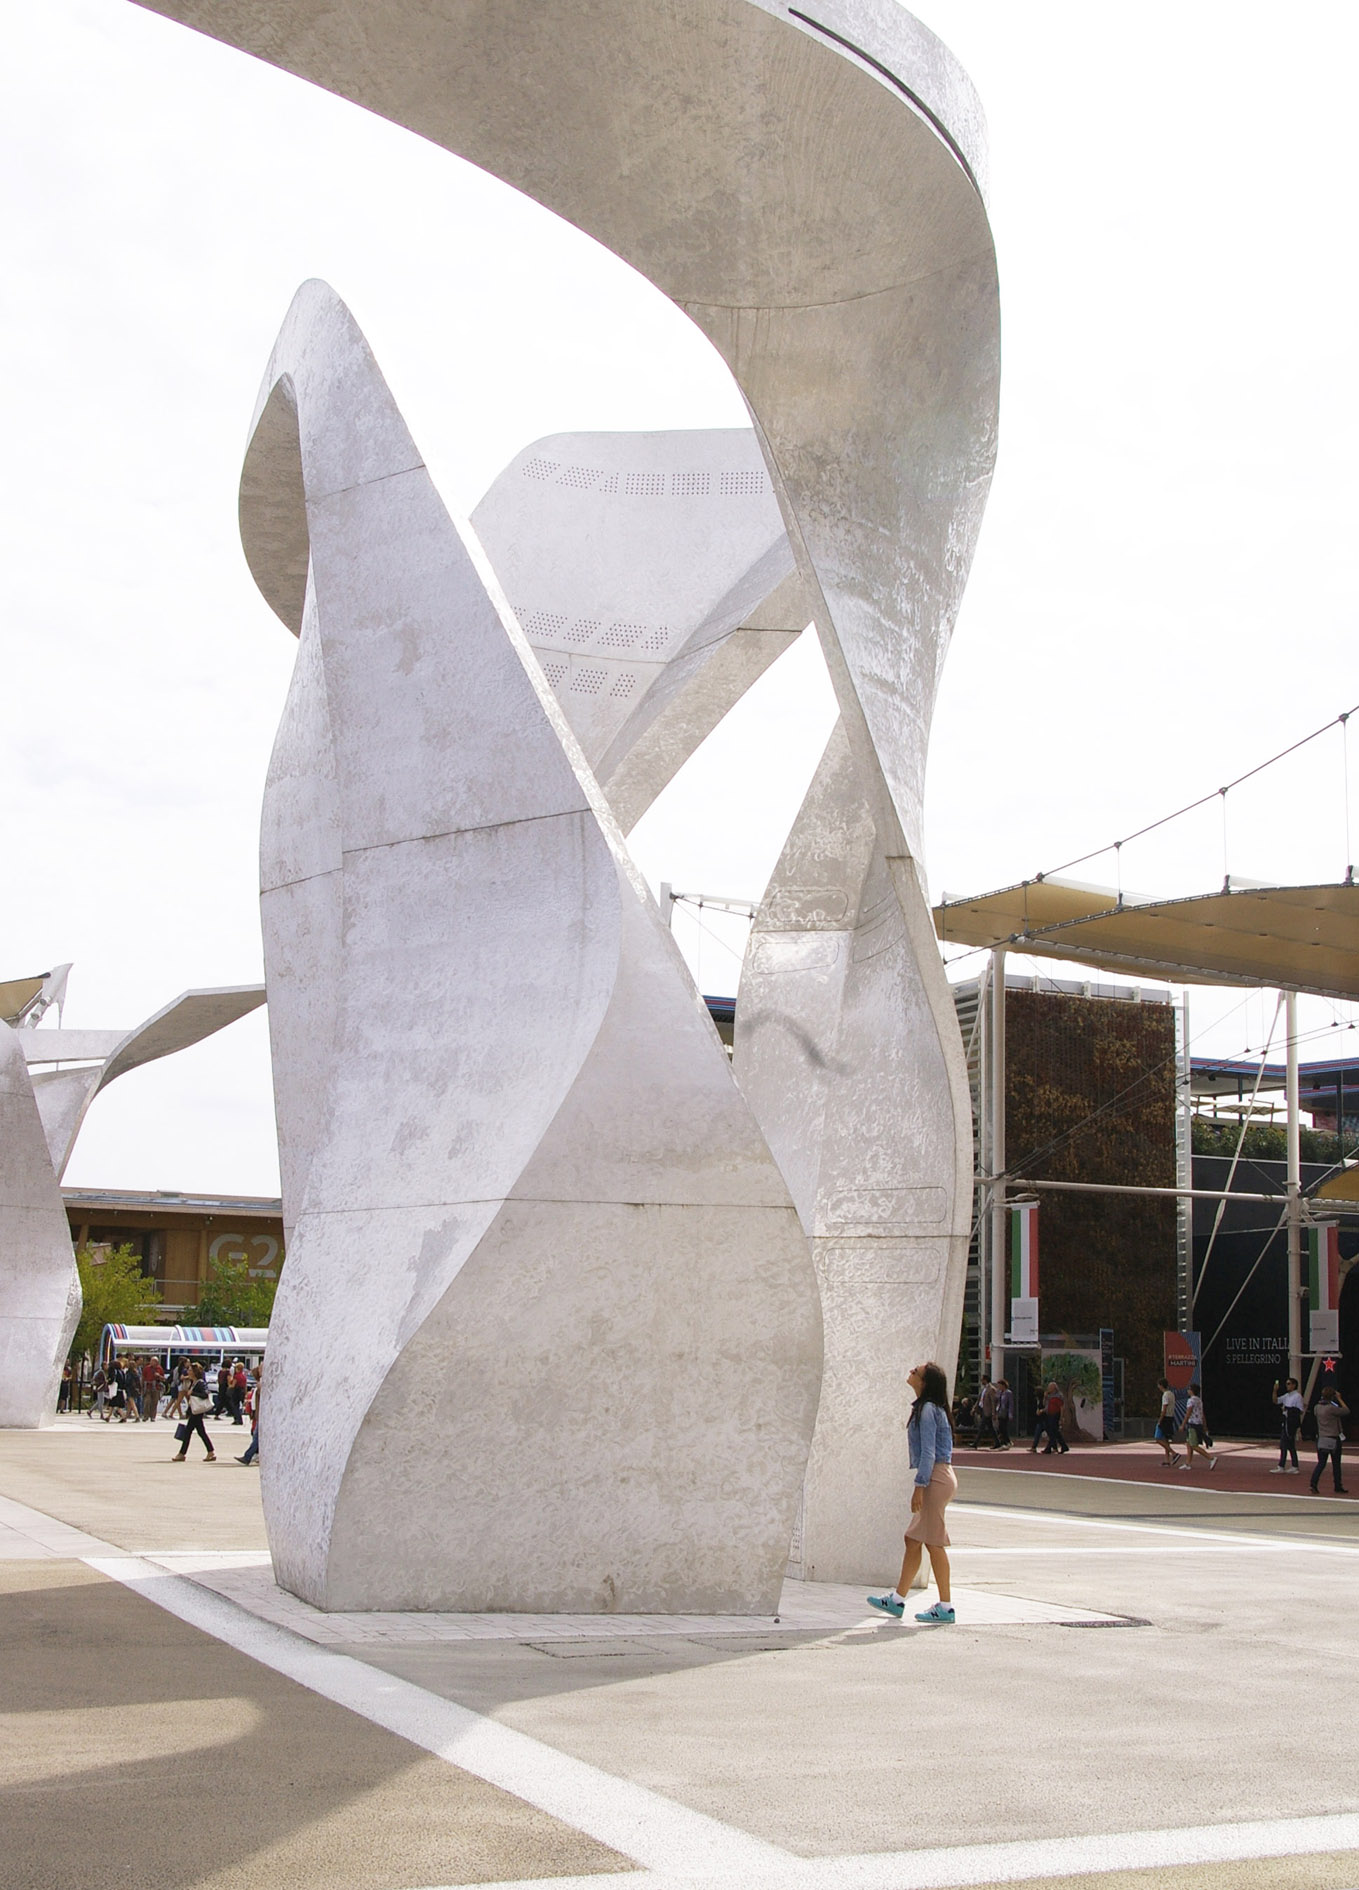 sculptural expo milan mohanita creationsb